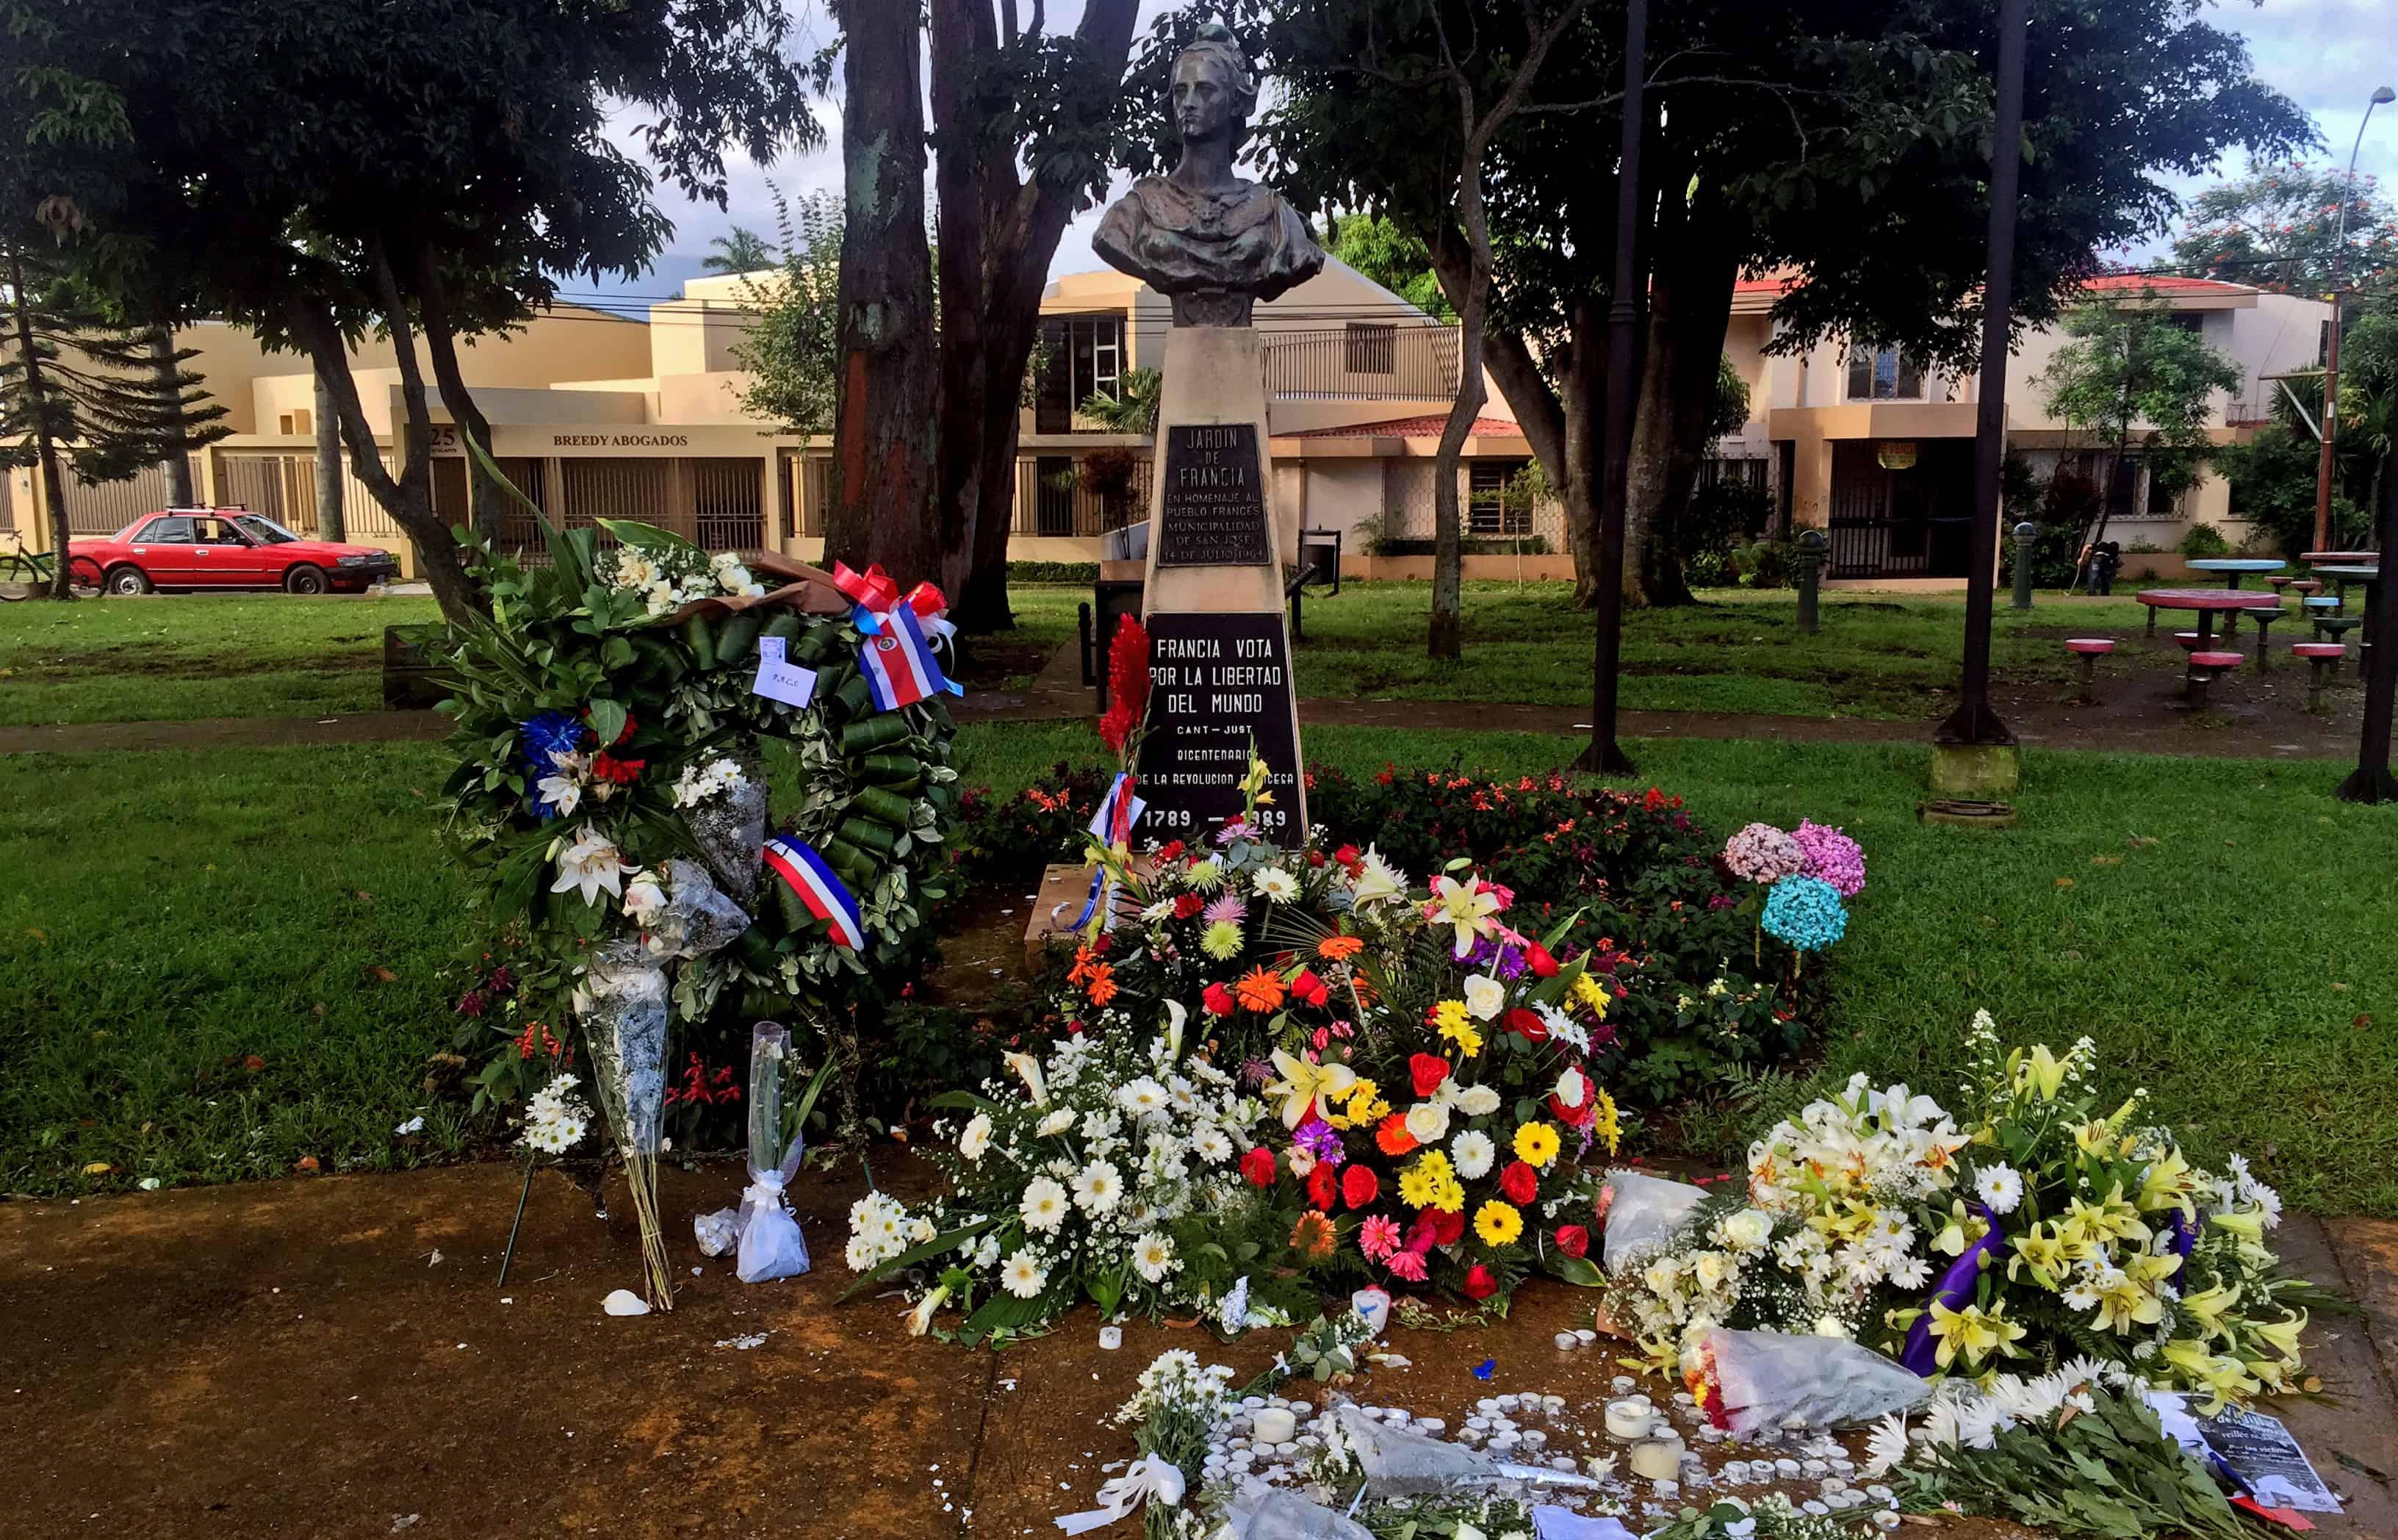 French memorials in San José.